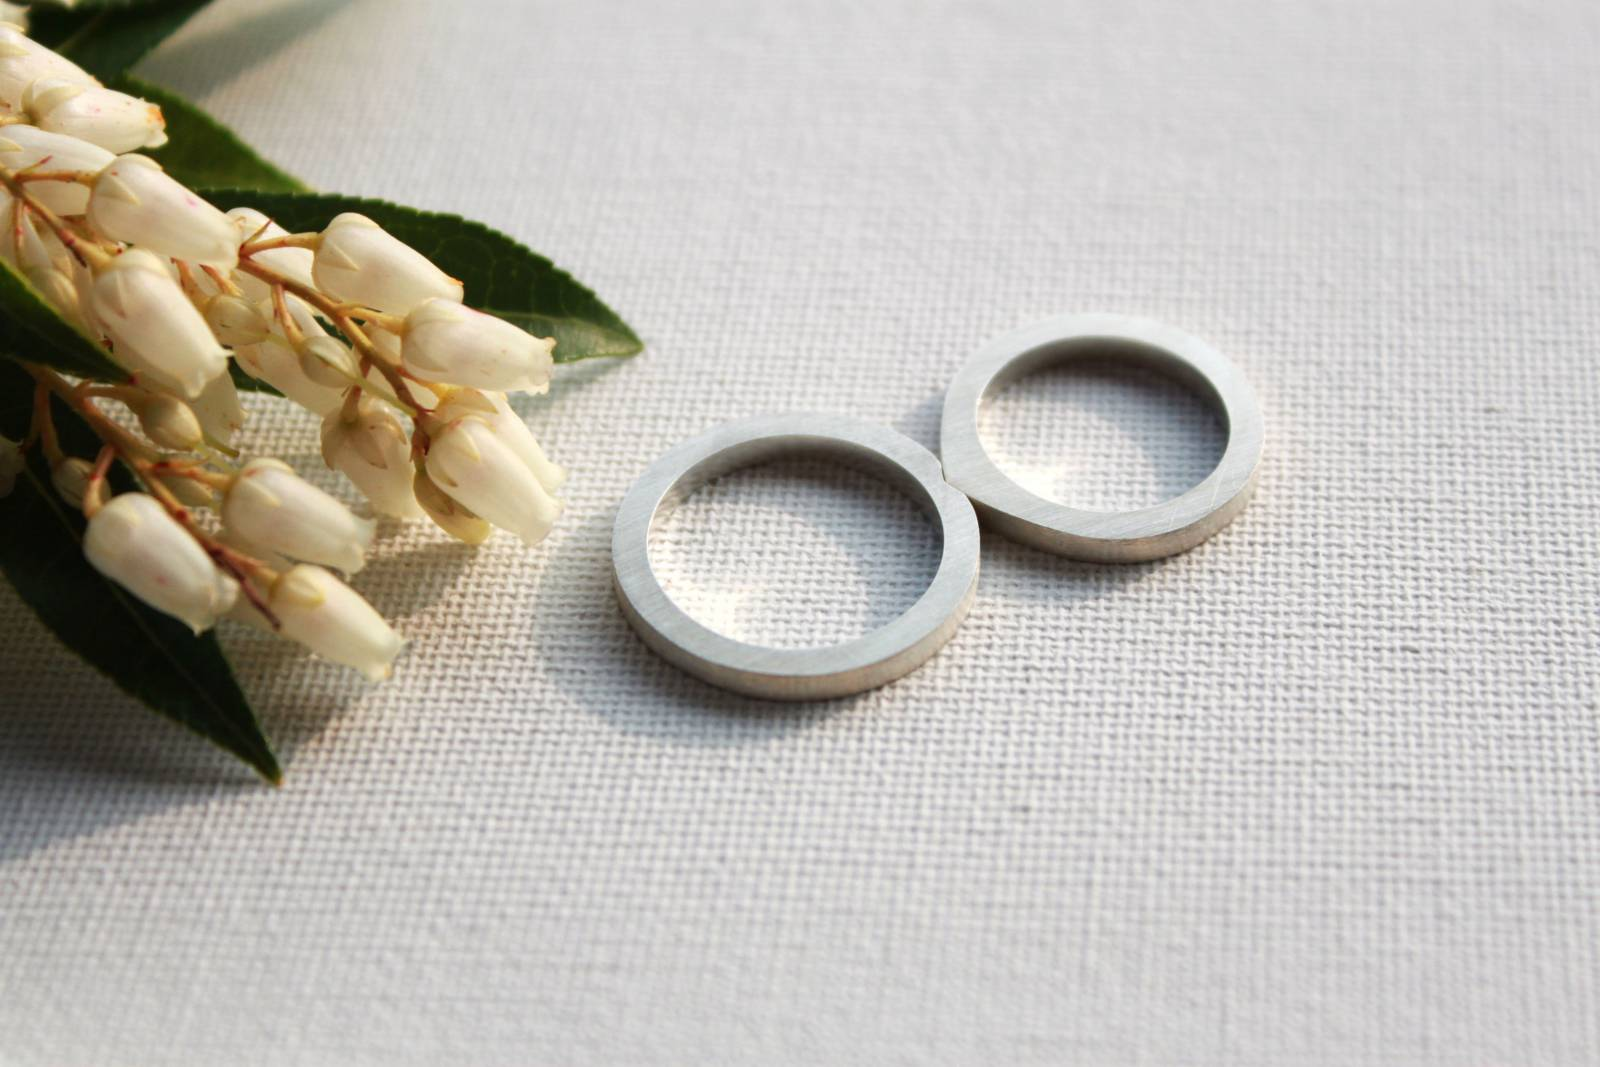 MMAAK - Bruidsjuwelen - Fotograaf Marlies Martens (zelf) - House of Weddings 7